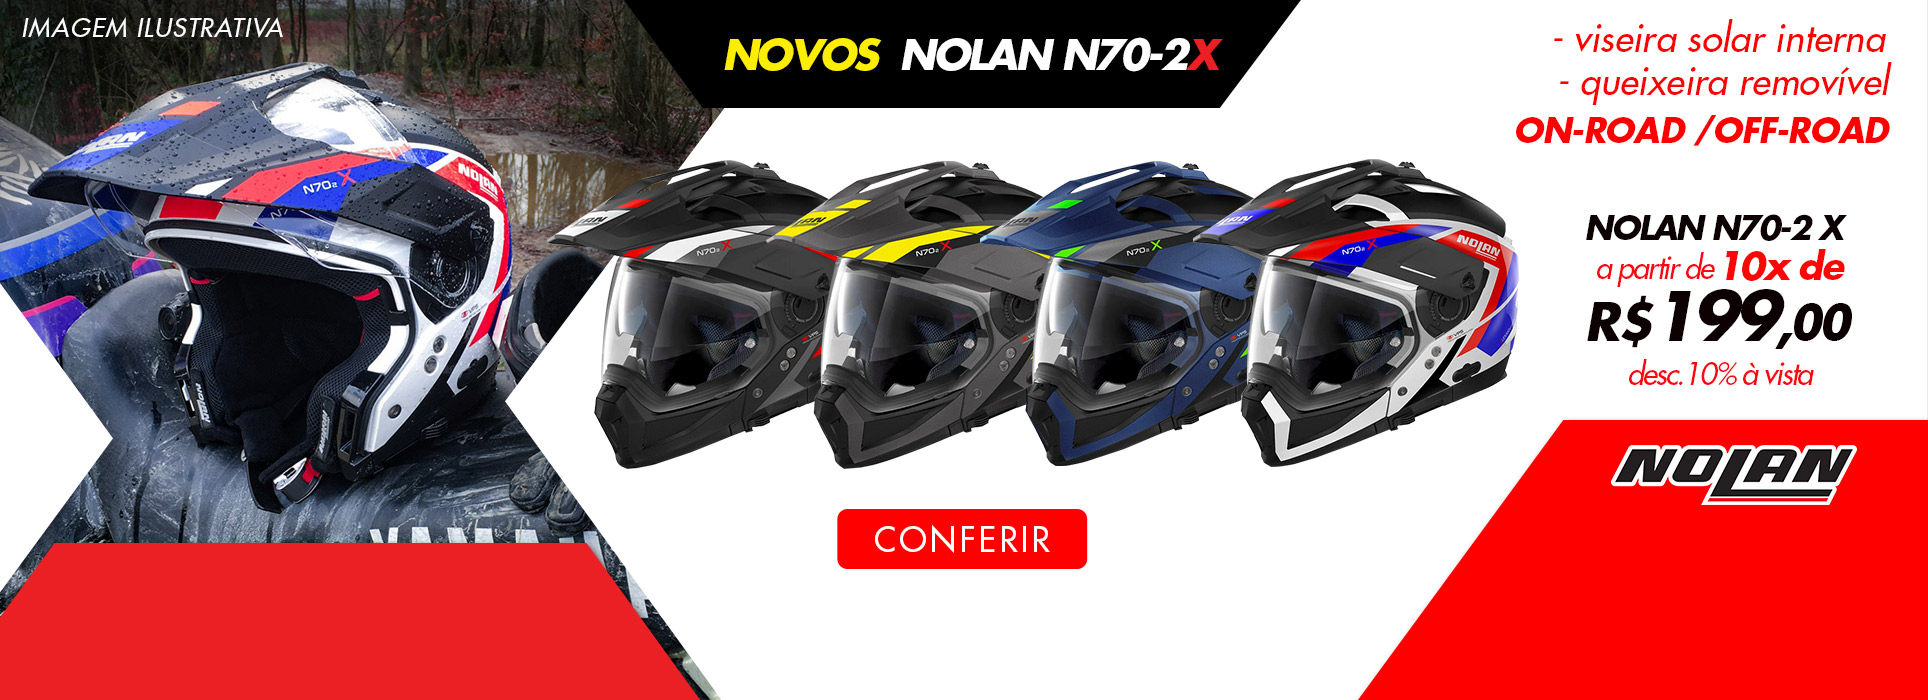 nolan-n70-2x